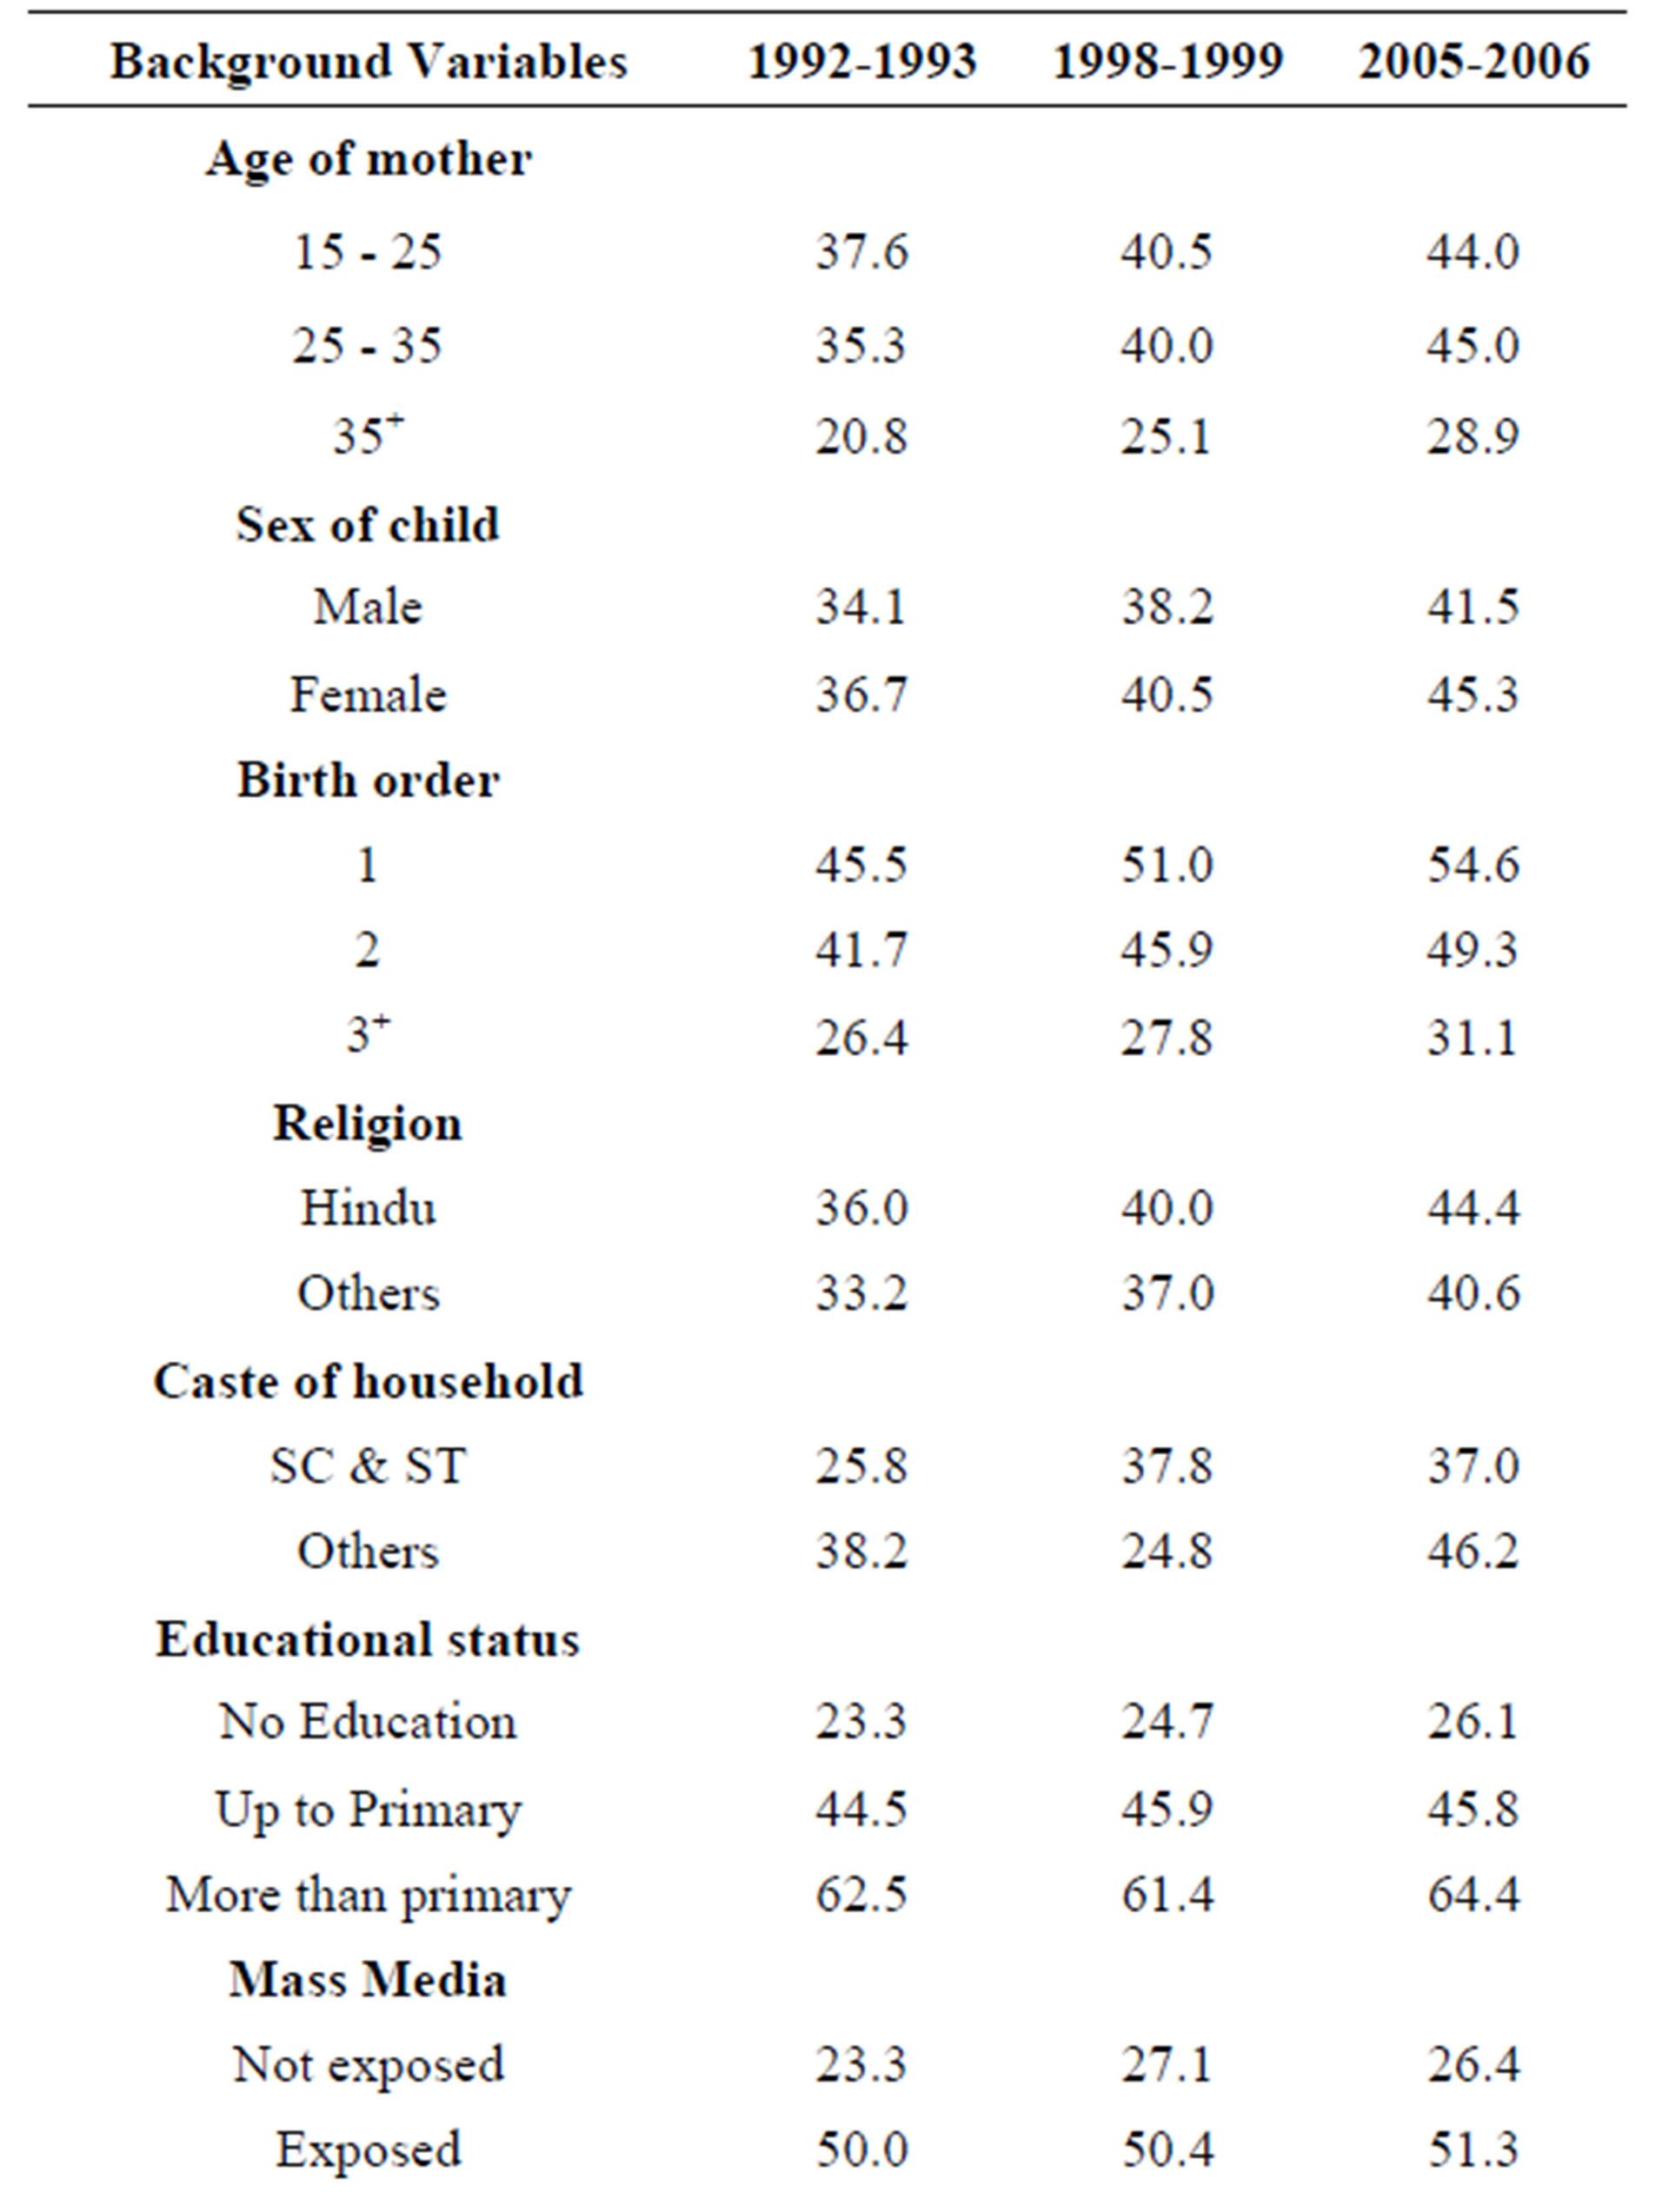 socioeconomic factors of full immunisation coverage in india